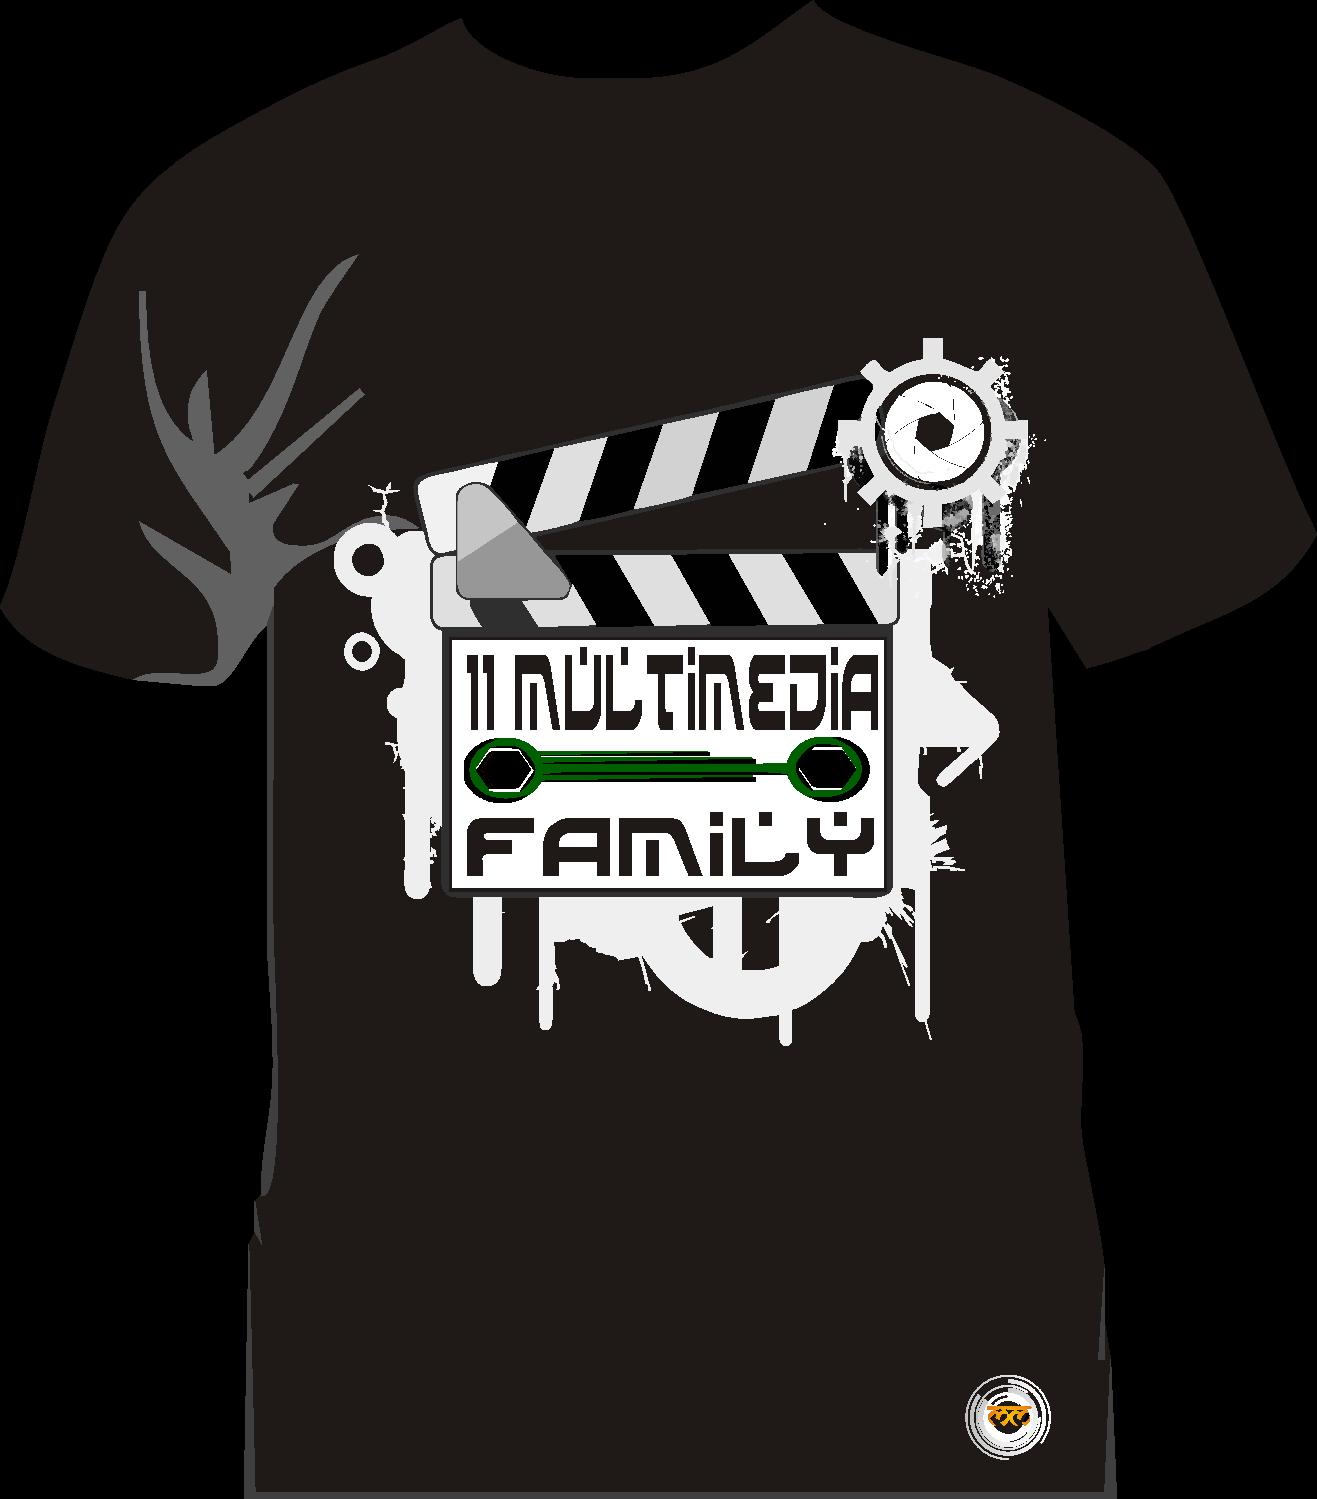 Contoh desain t shirt kelas - Design Kaos Kelas Multimedia